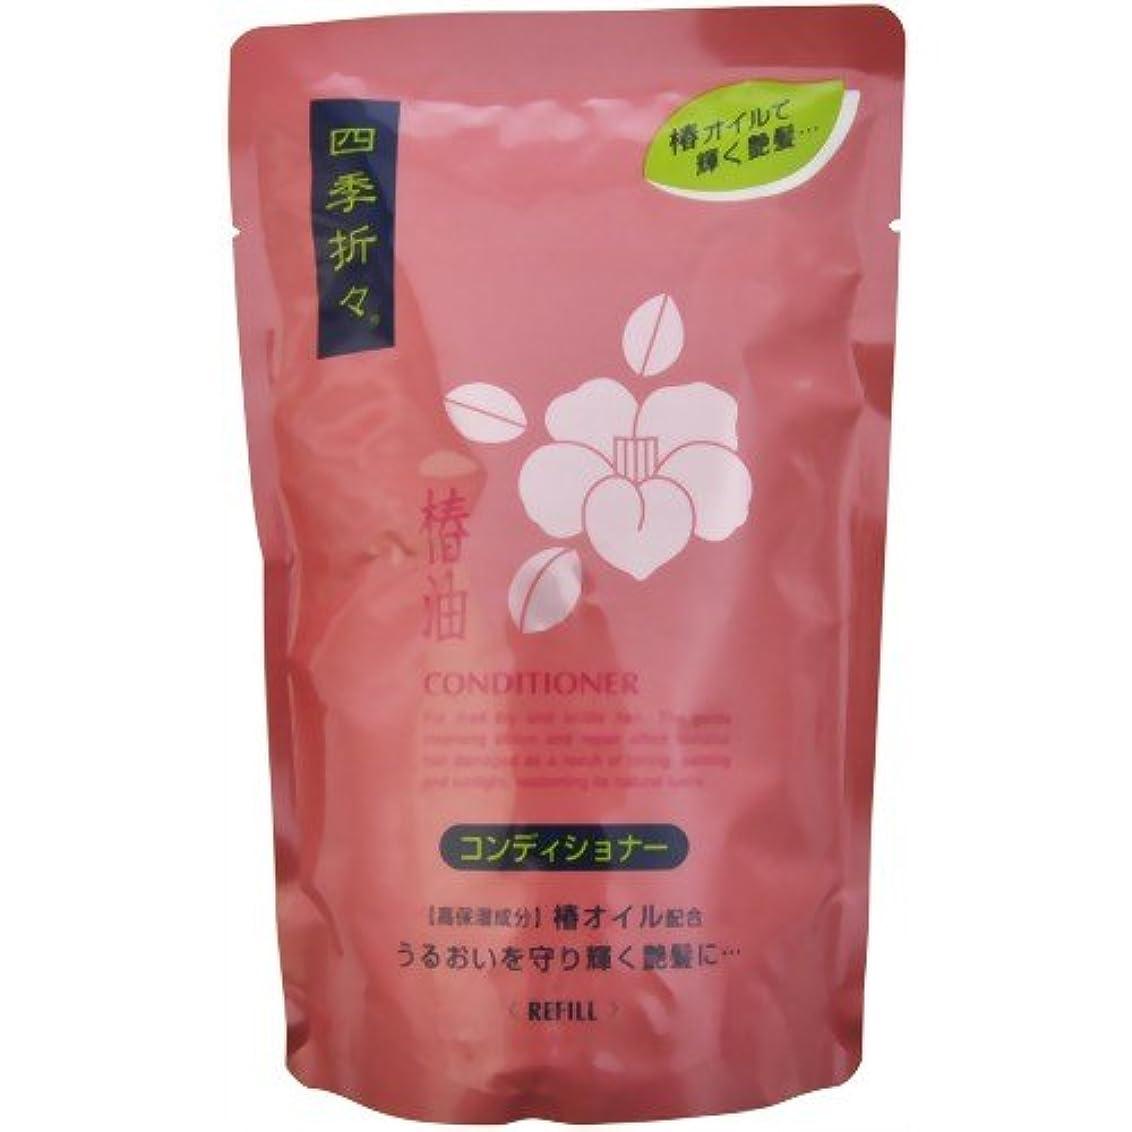 正確なブラウン安全性熊野油脂 四季折々 椿油コンディショナー 詰替用 450ml